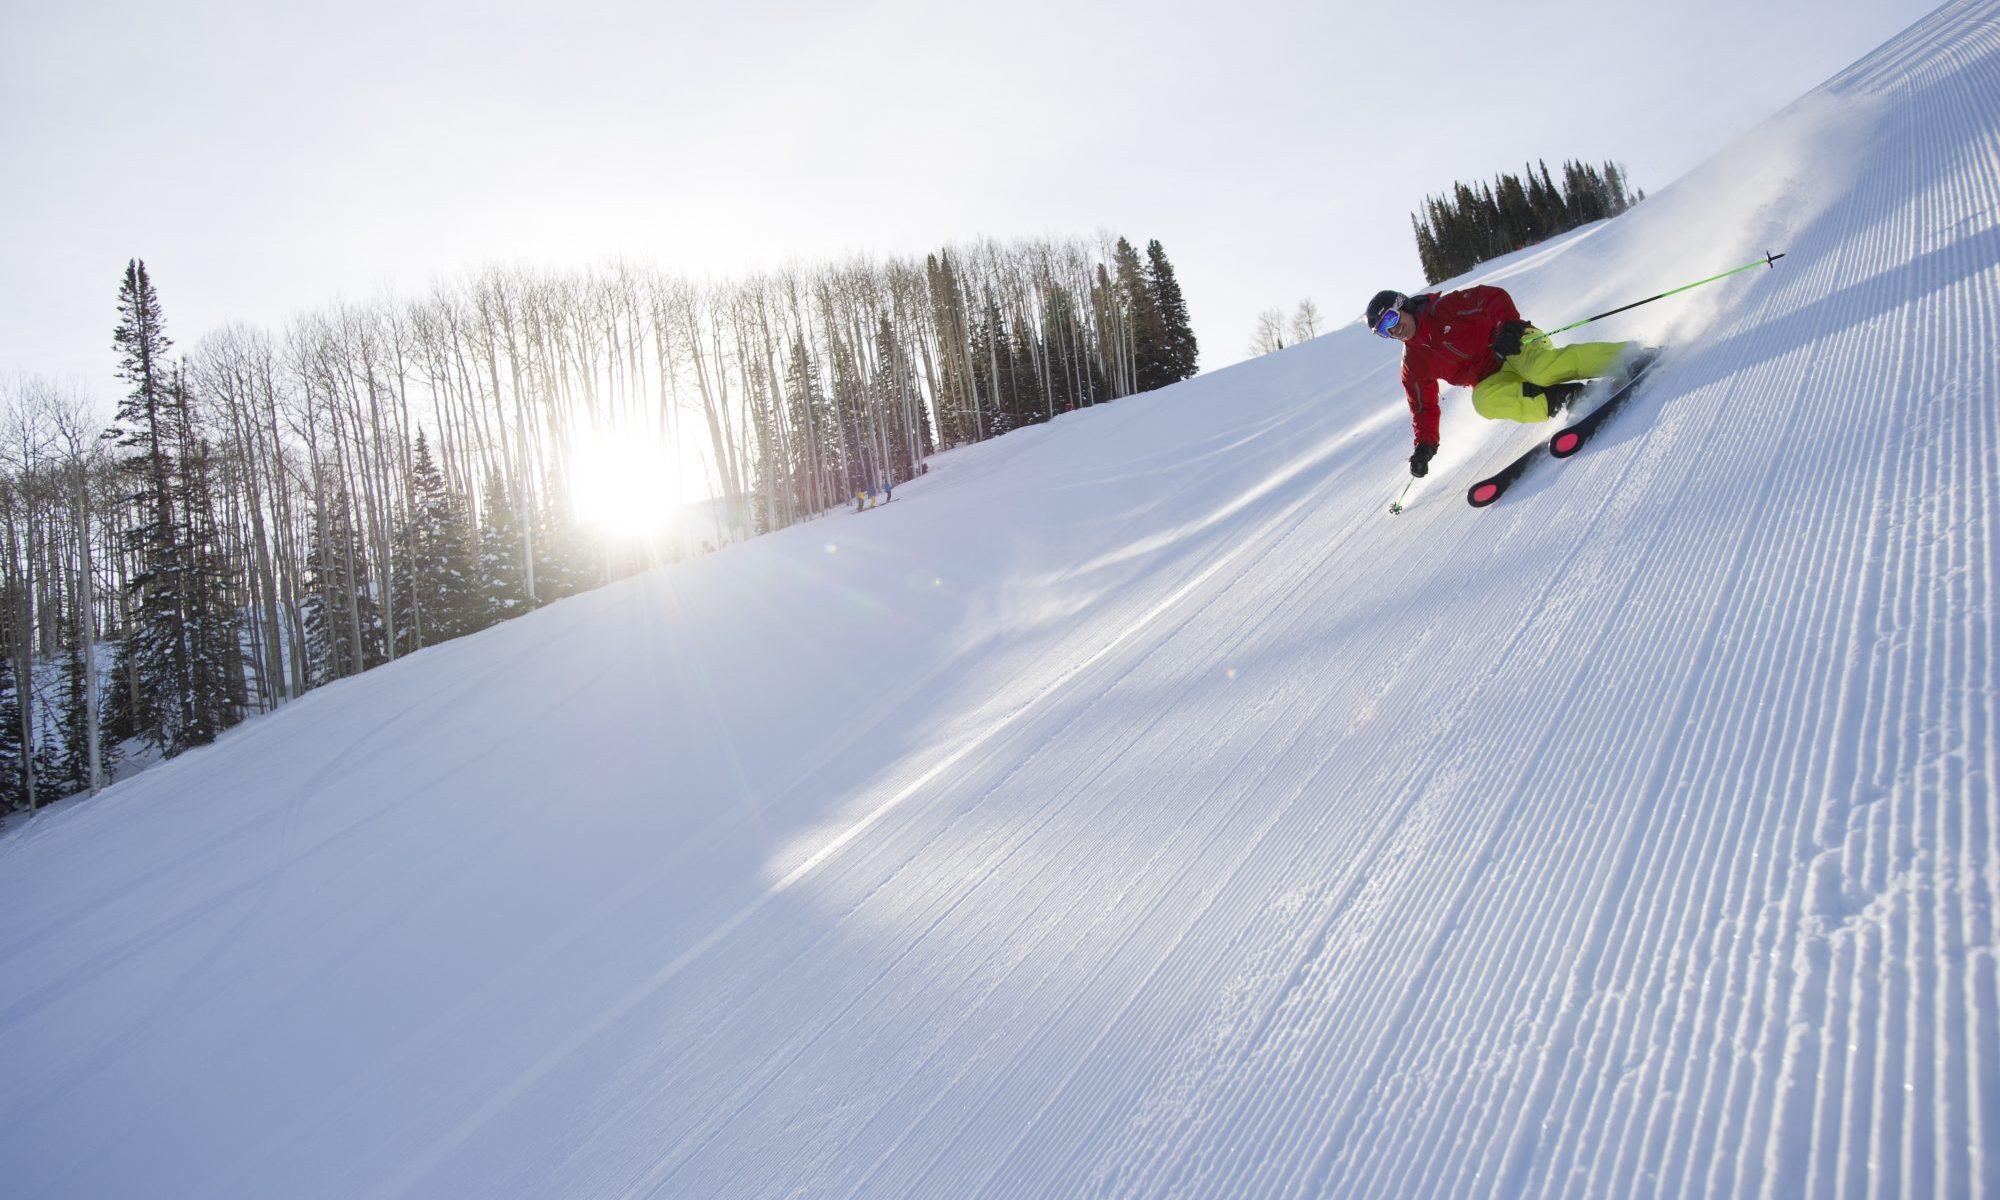 Matt Ross skiing at Aspen Resort, Aspen, Colorado. Aspen Snowmass. Aspen Snowmass Adds Another Bonus Weekend for Skiing and Riding.